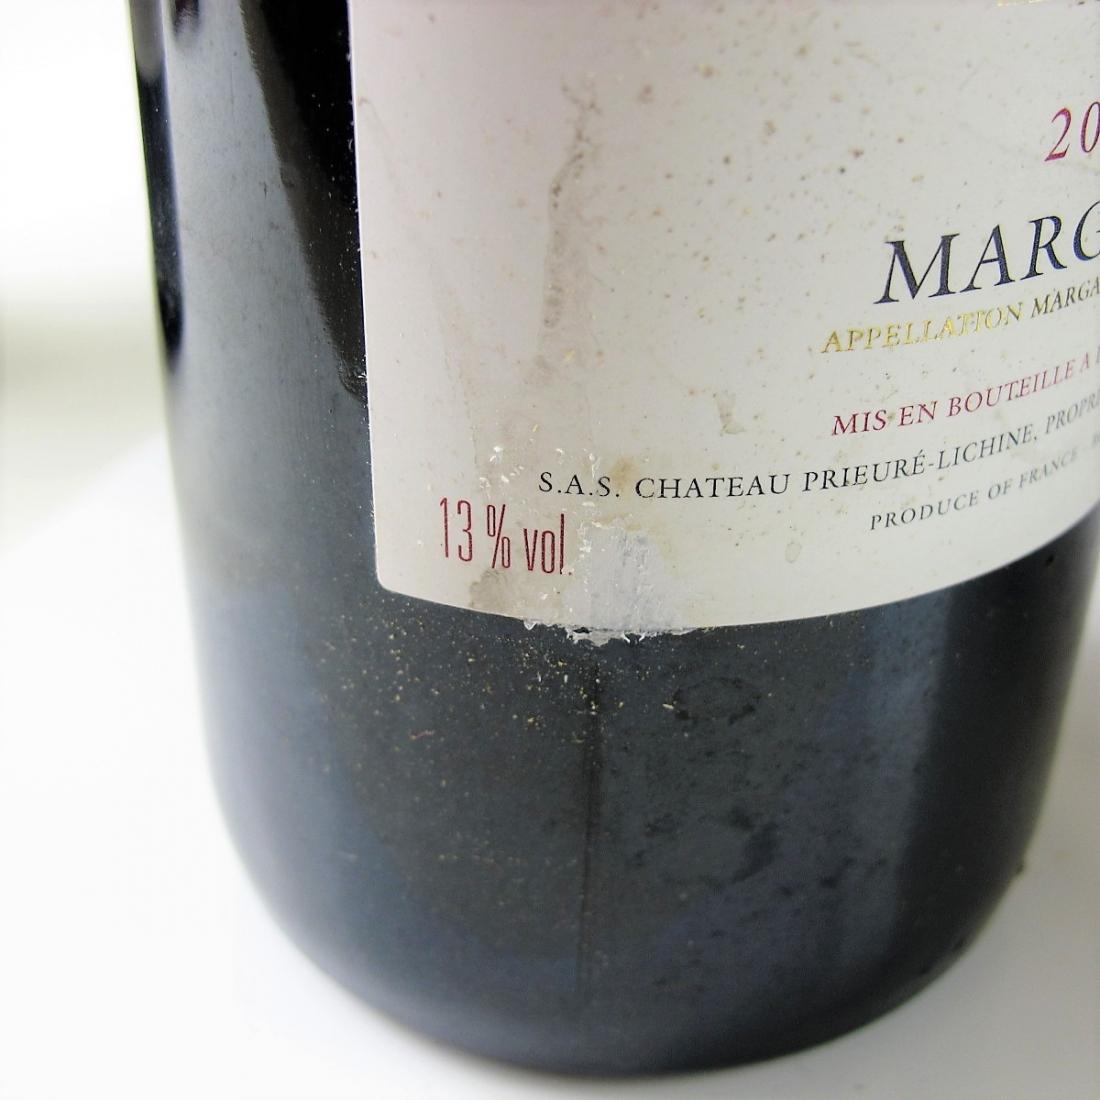 Le Cloitre Du Ch. Prieure-Lichine 2001 Margaux 4eme-Cru 8x75cl